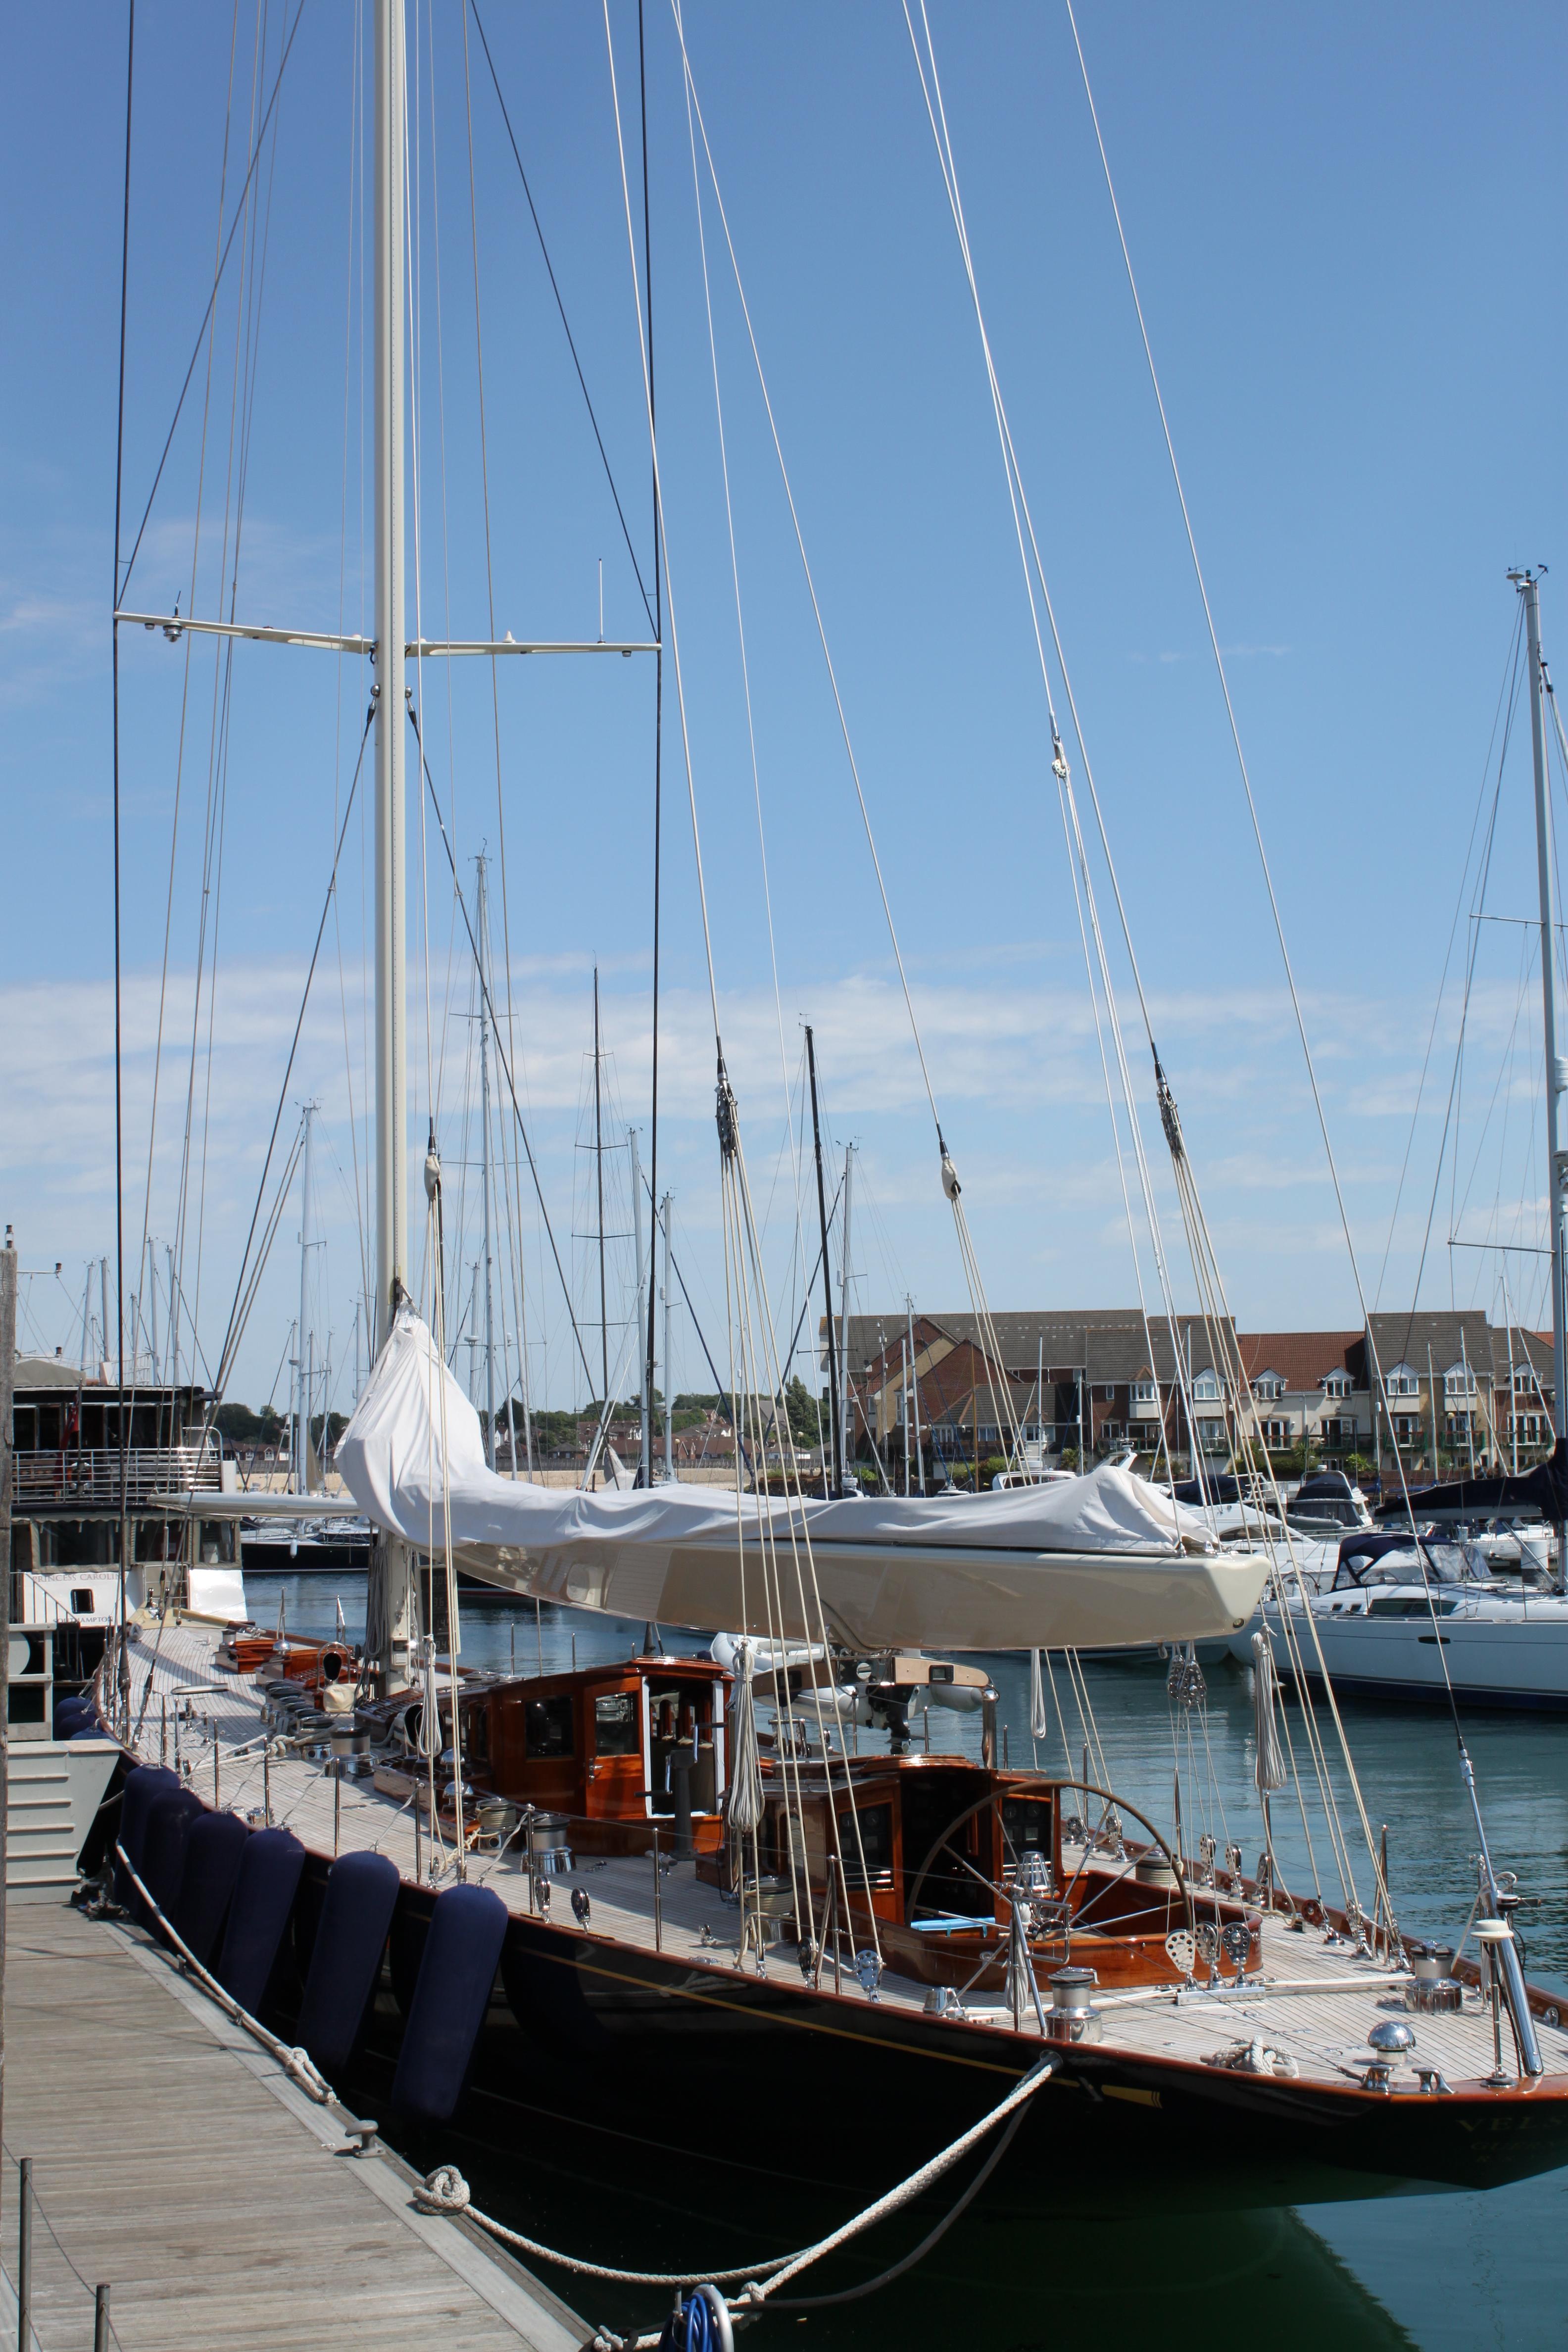 Sailboat, Boat, Mooring, Pier, Sail, HQ Photo